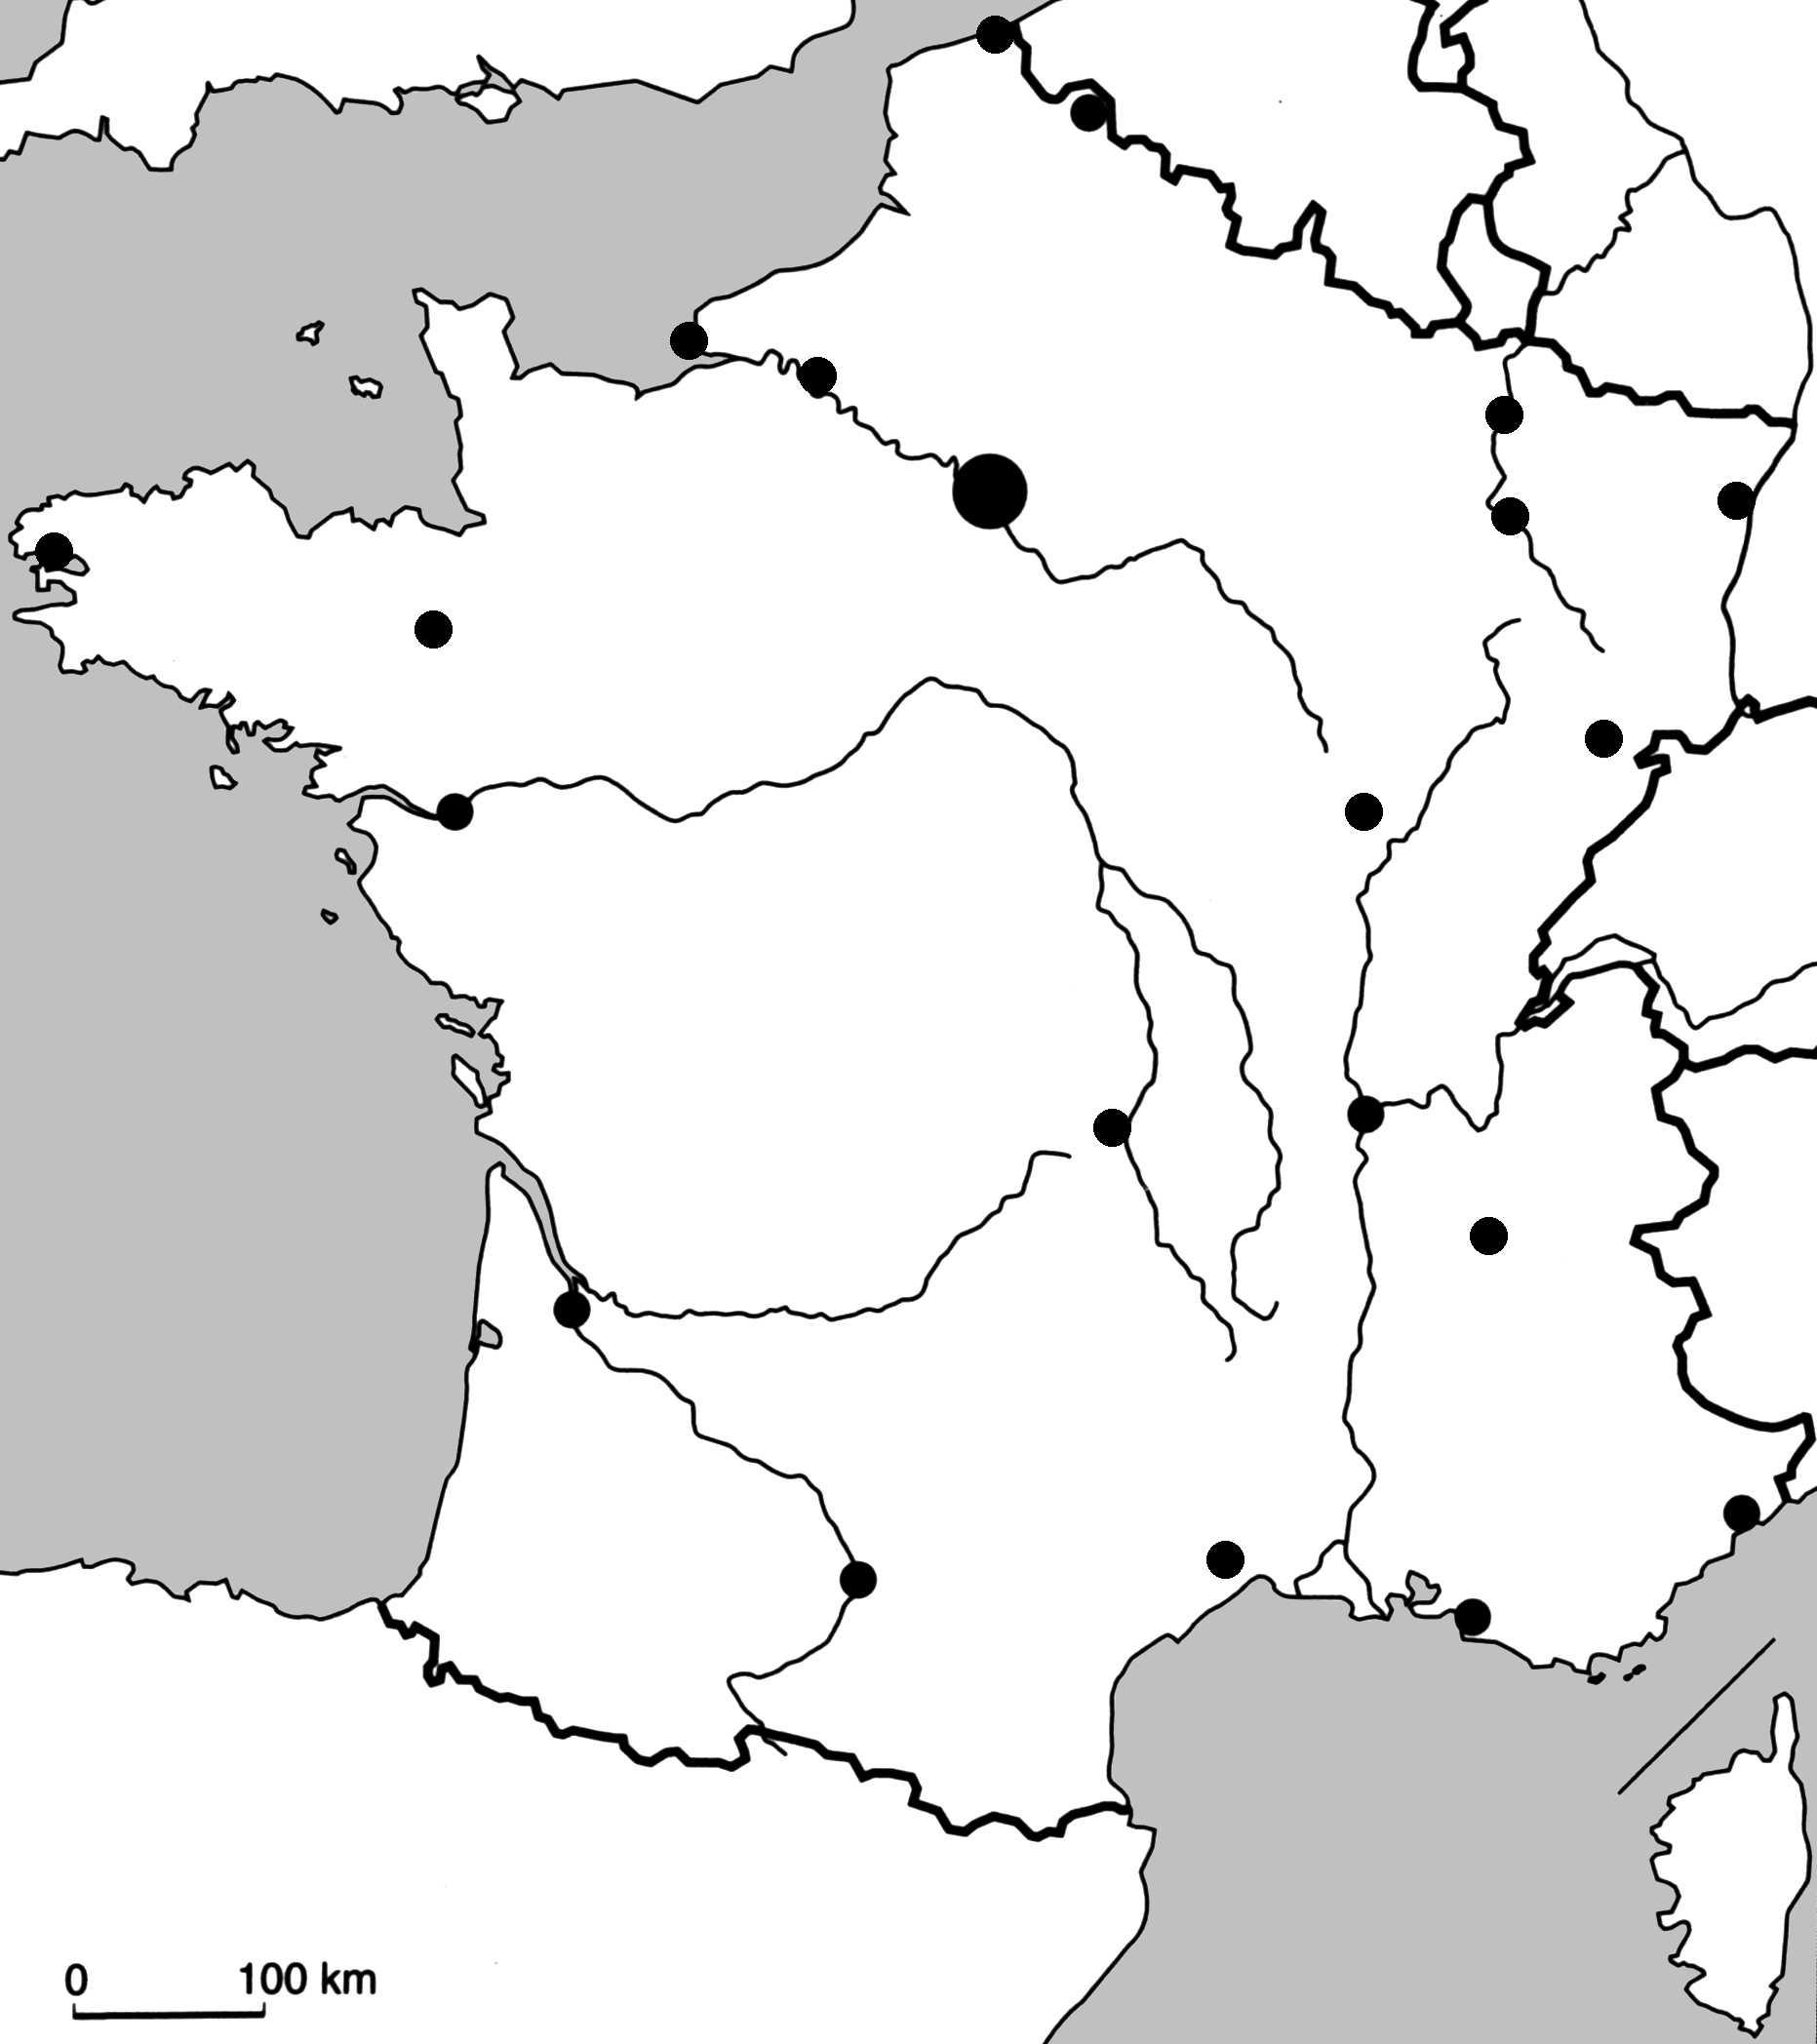 Carte De France Vierge À Compléter En Ligne | My Blog avec Carte De La France Vierge